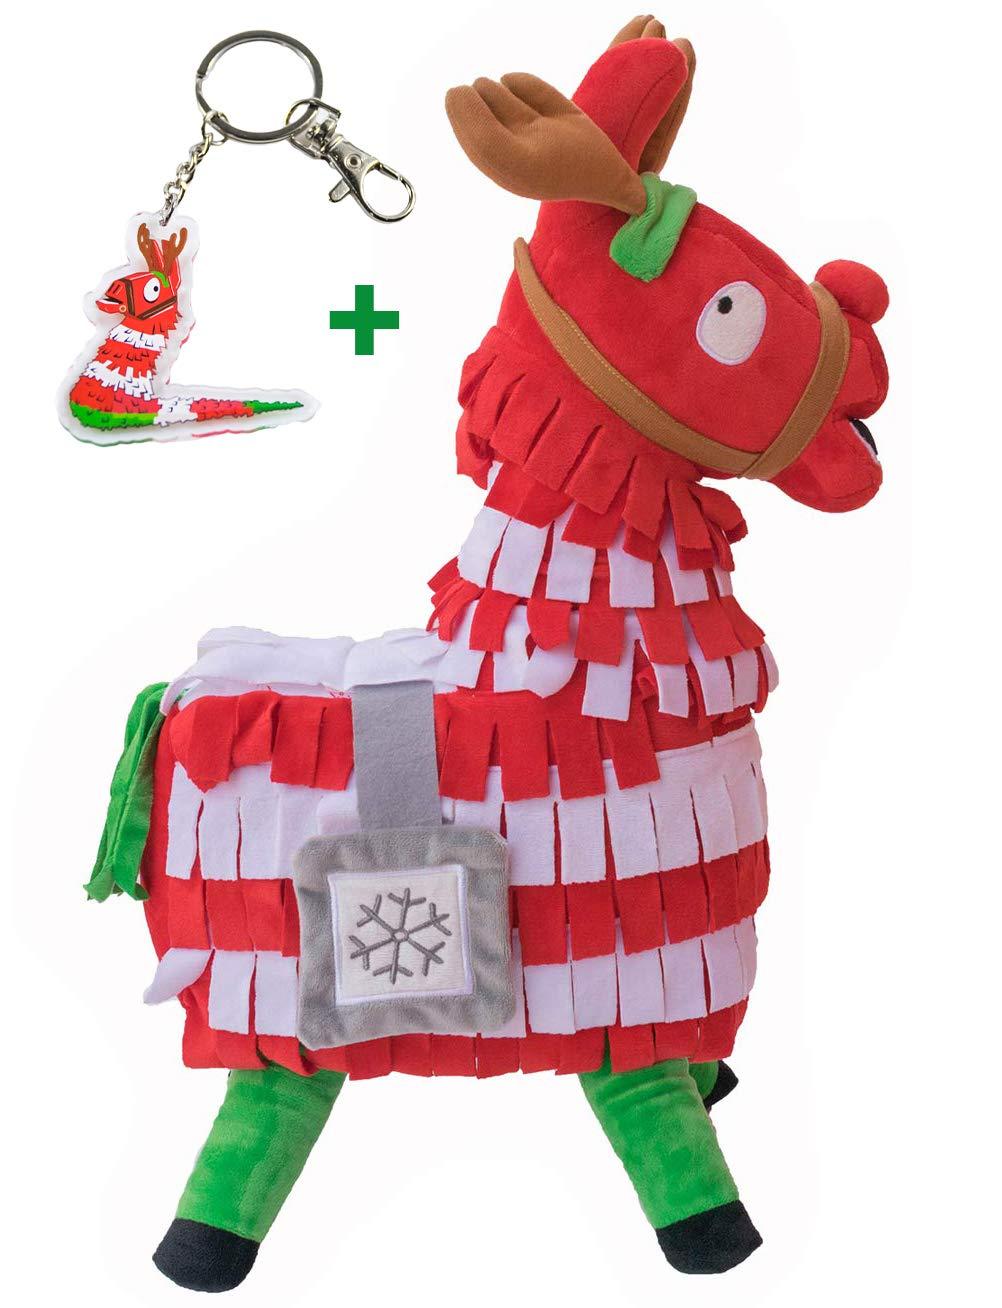 9Cm portachiavi giocattolo peluche farcito animale giocattolo piccolo bambole